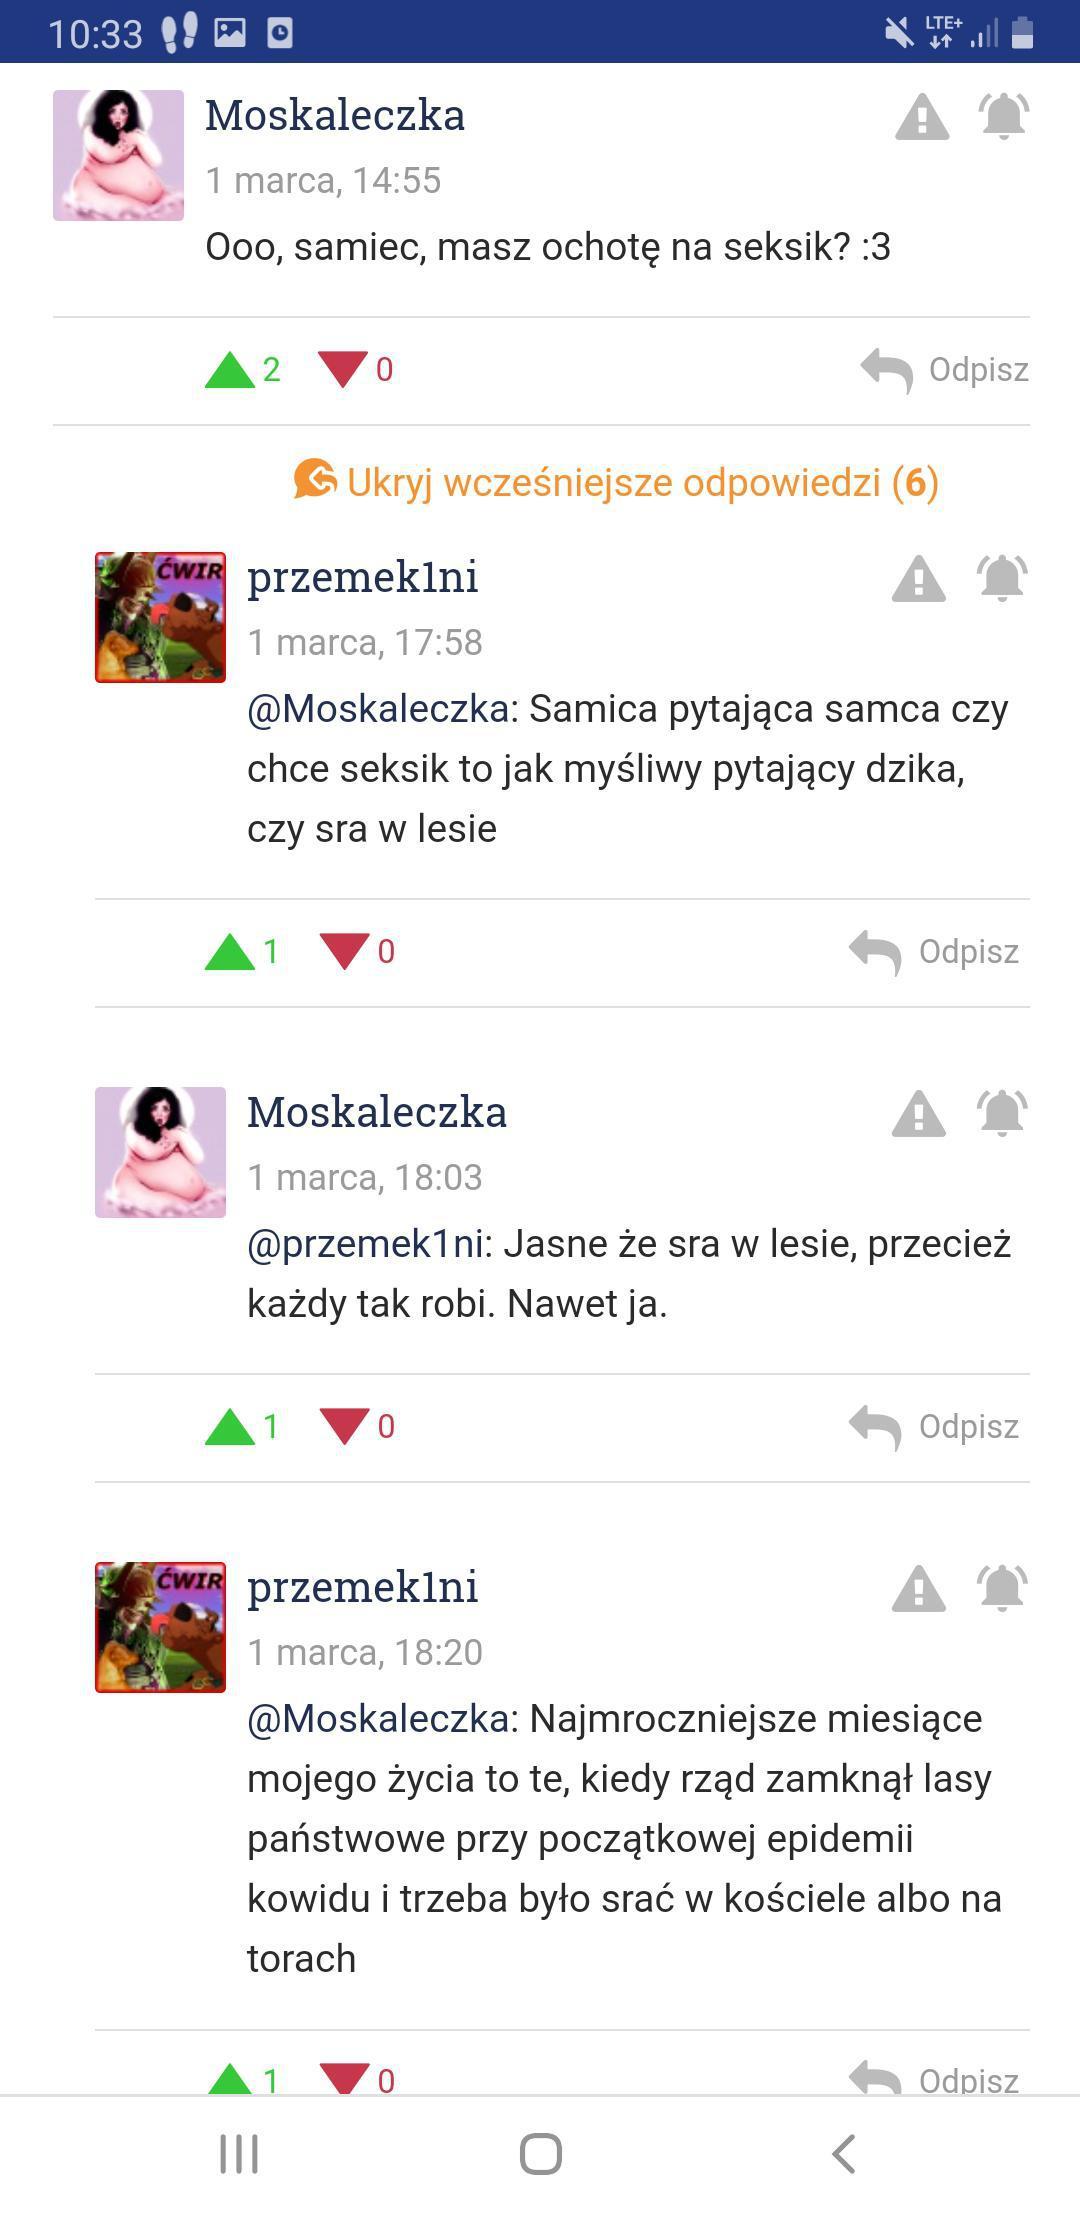 Zdjęcie użytkownika Lubie_AoT w temacie Cela Moskaleczki